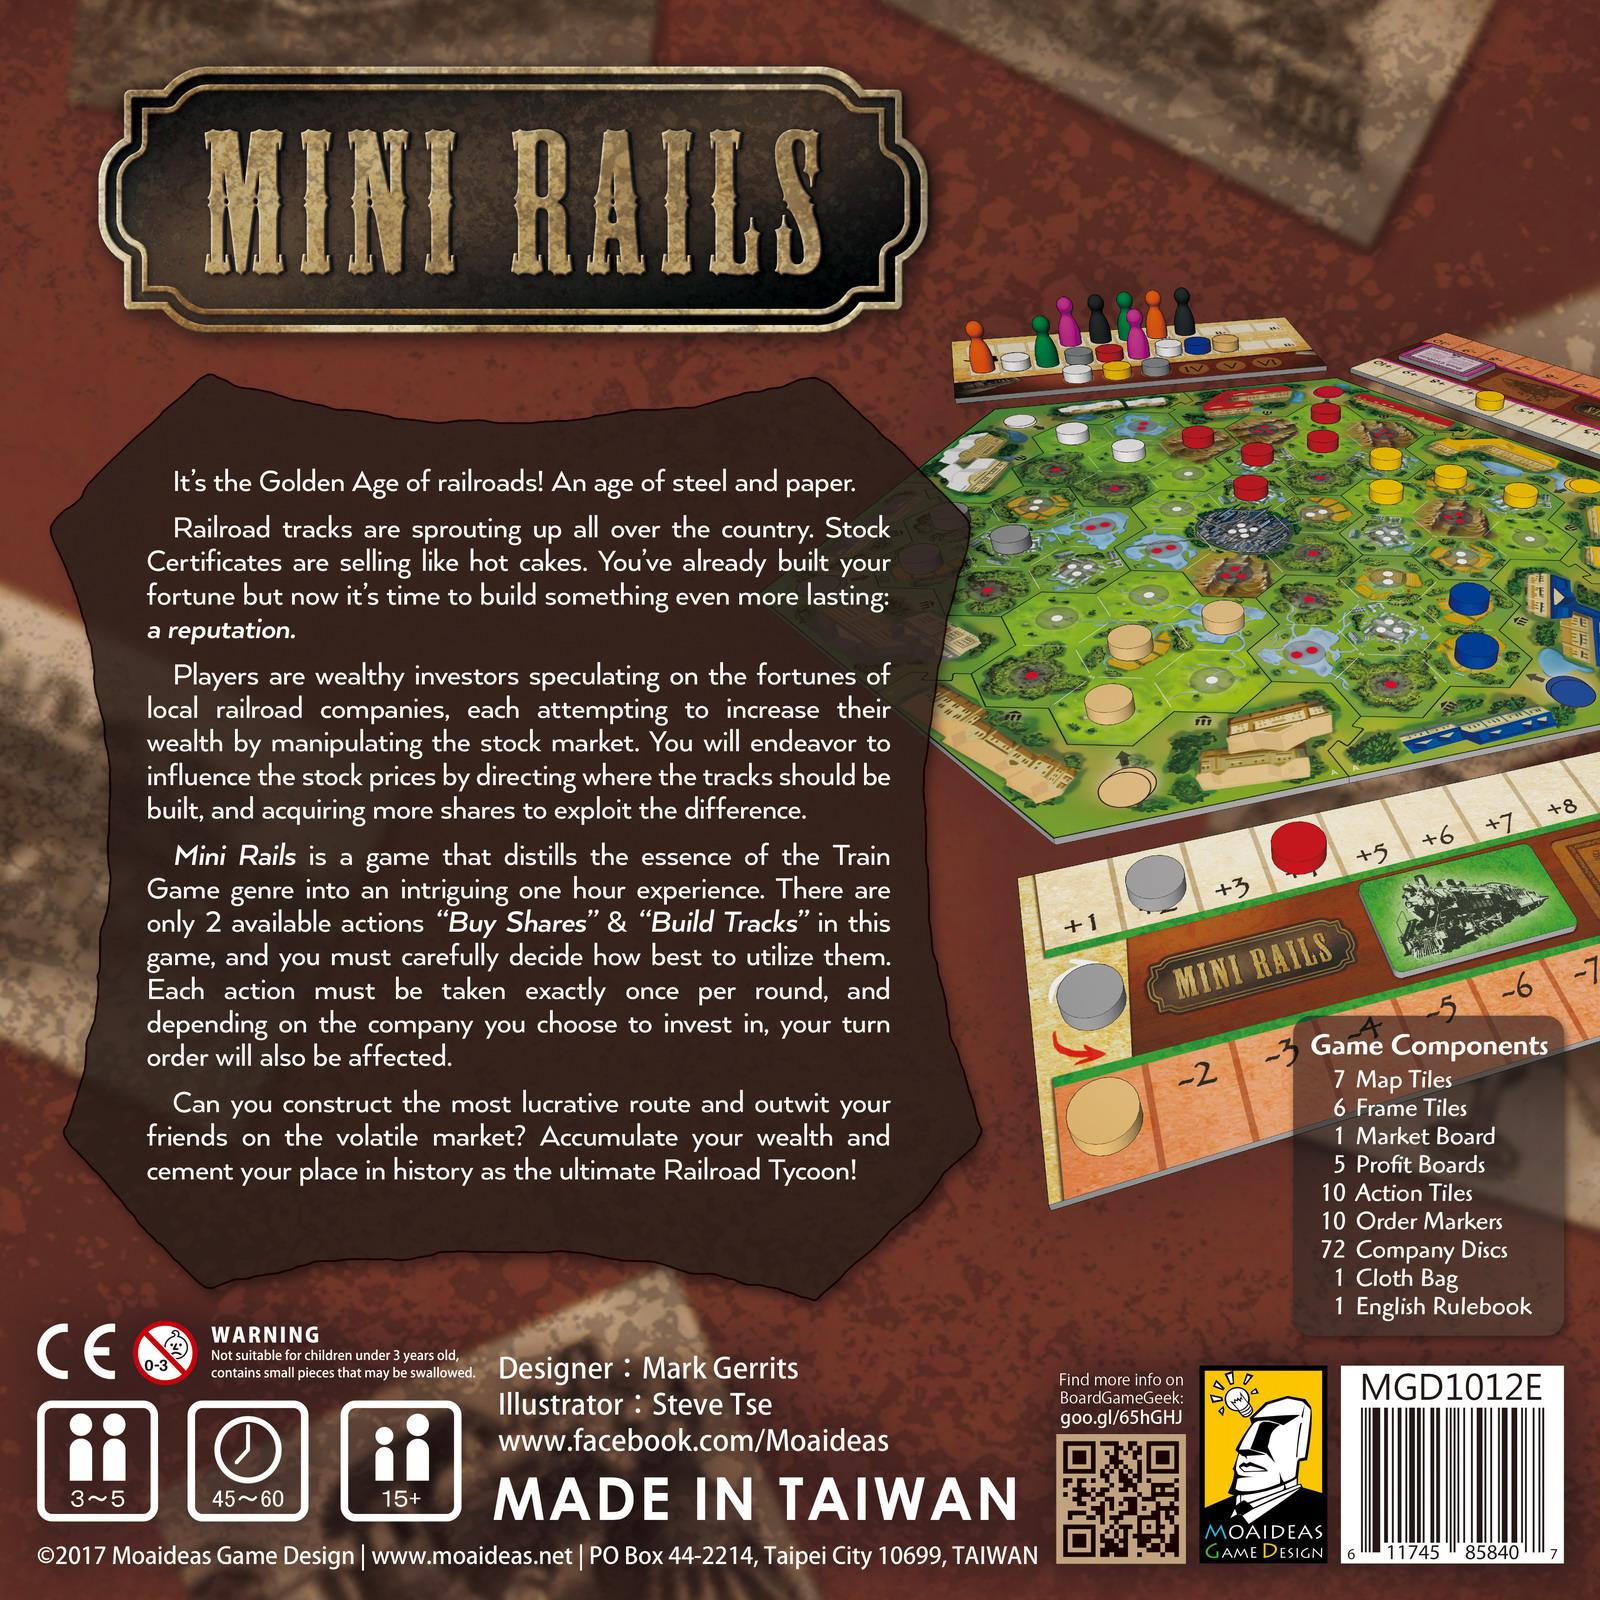 Mini Rails 英文封底_1600x1600_RGB